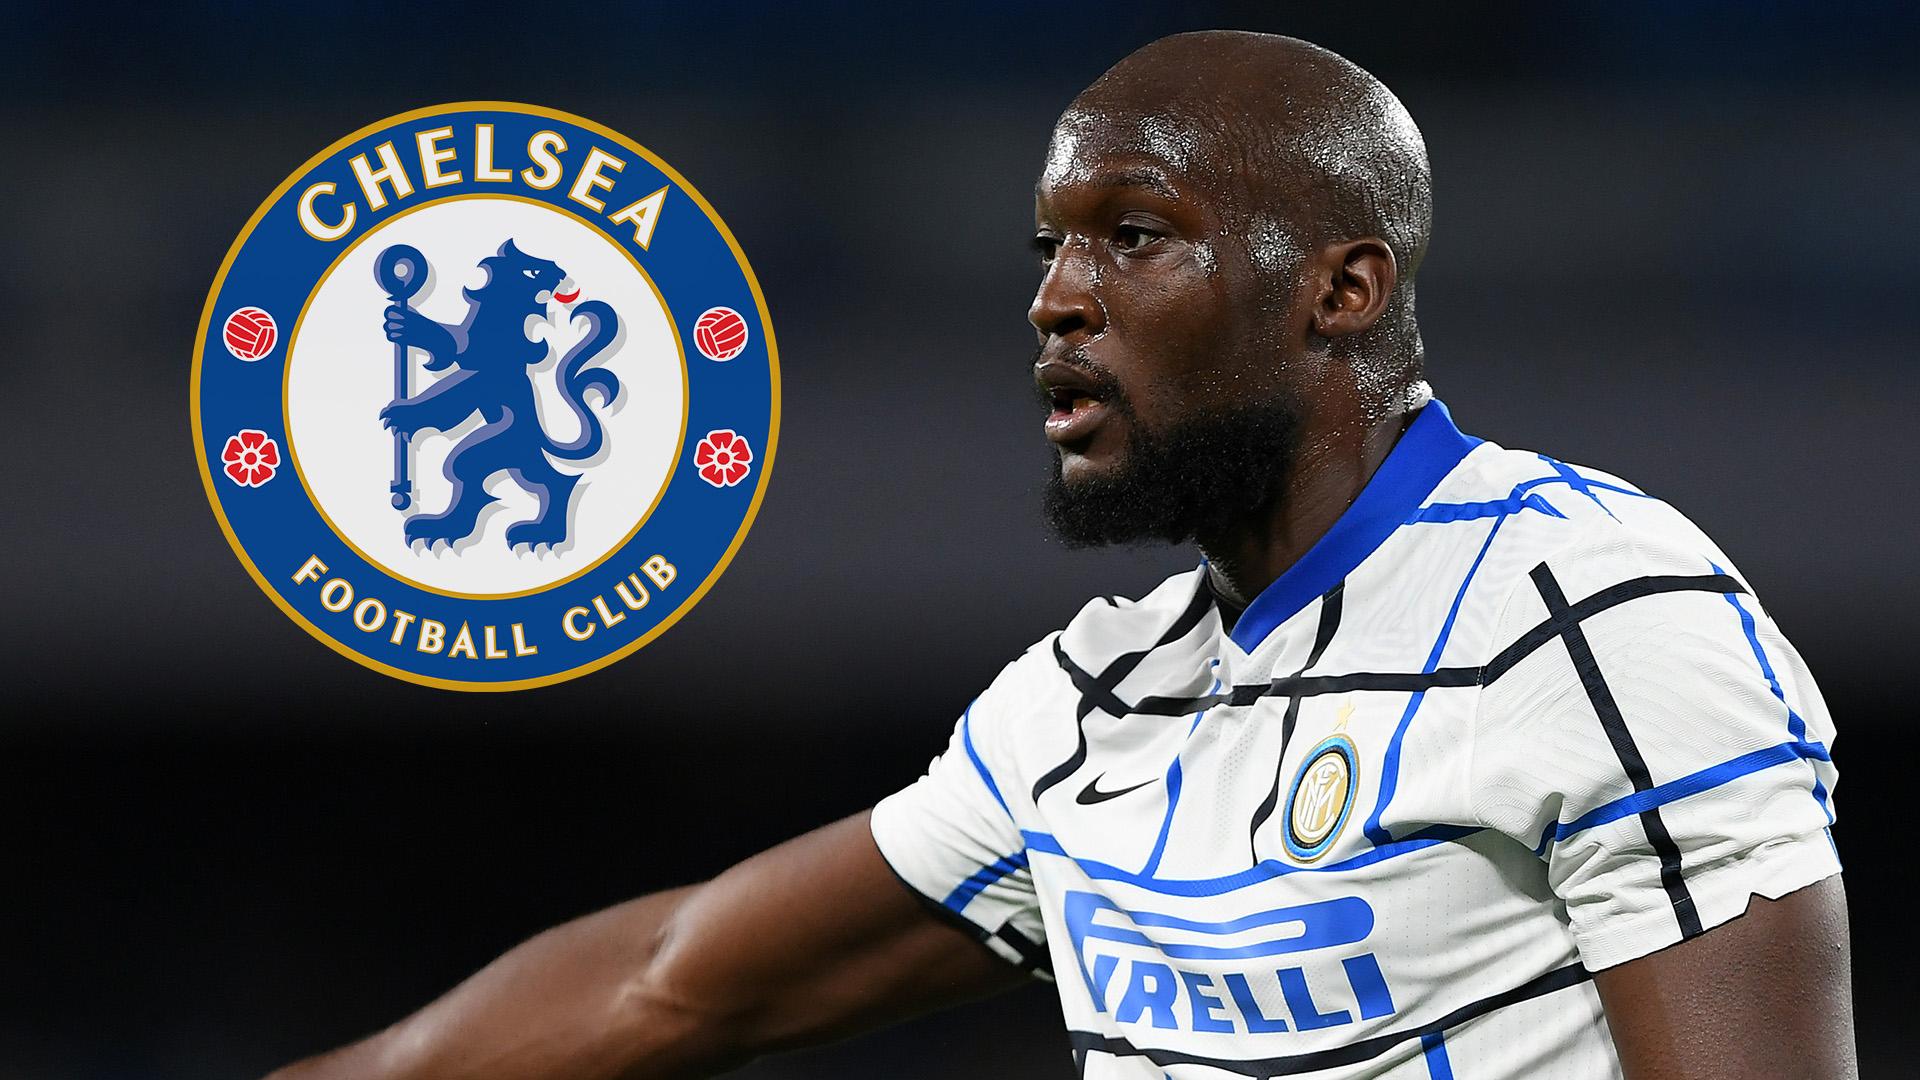 Chelsea agree £98m Lukaku deal in principle as transfer edges closer for Inter striker | Goal.com